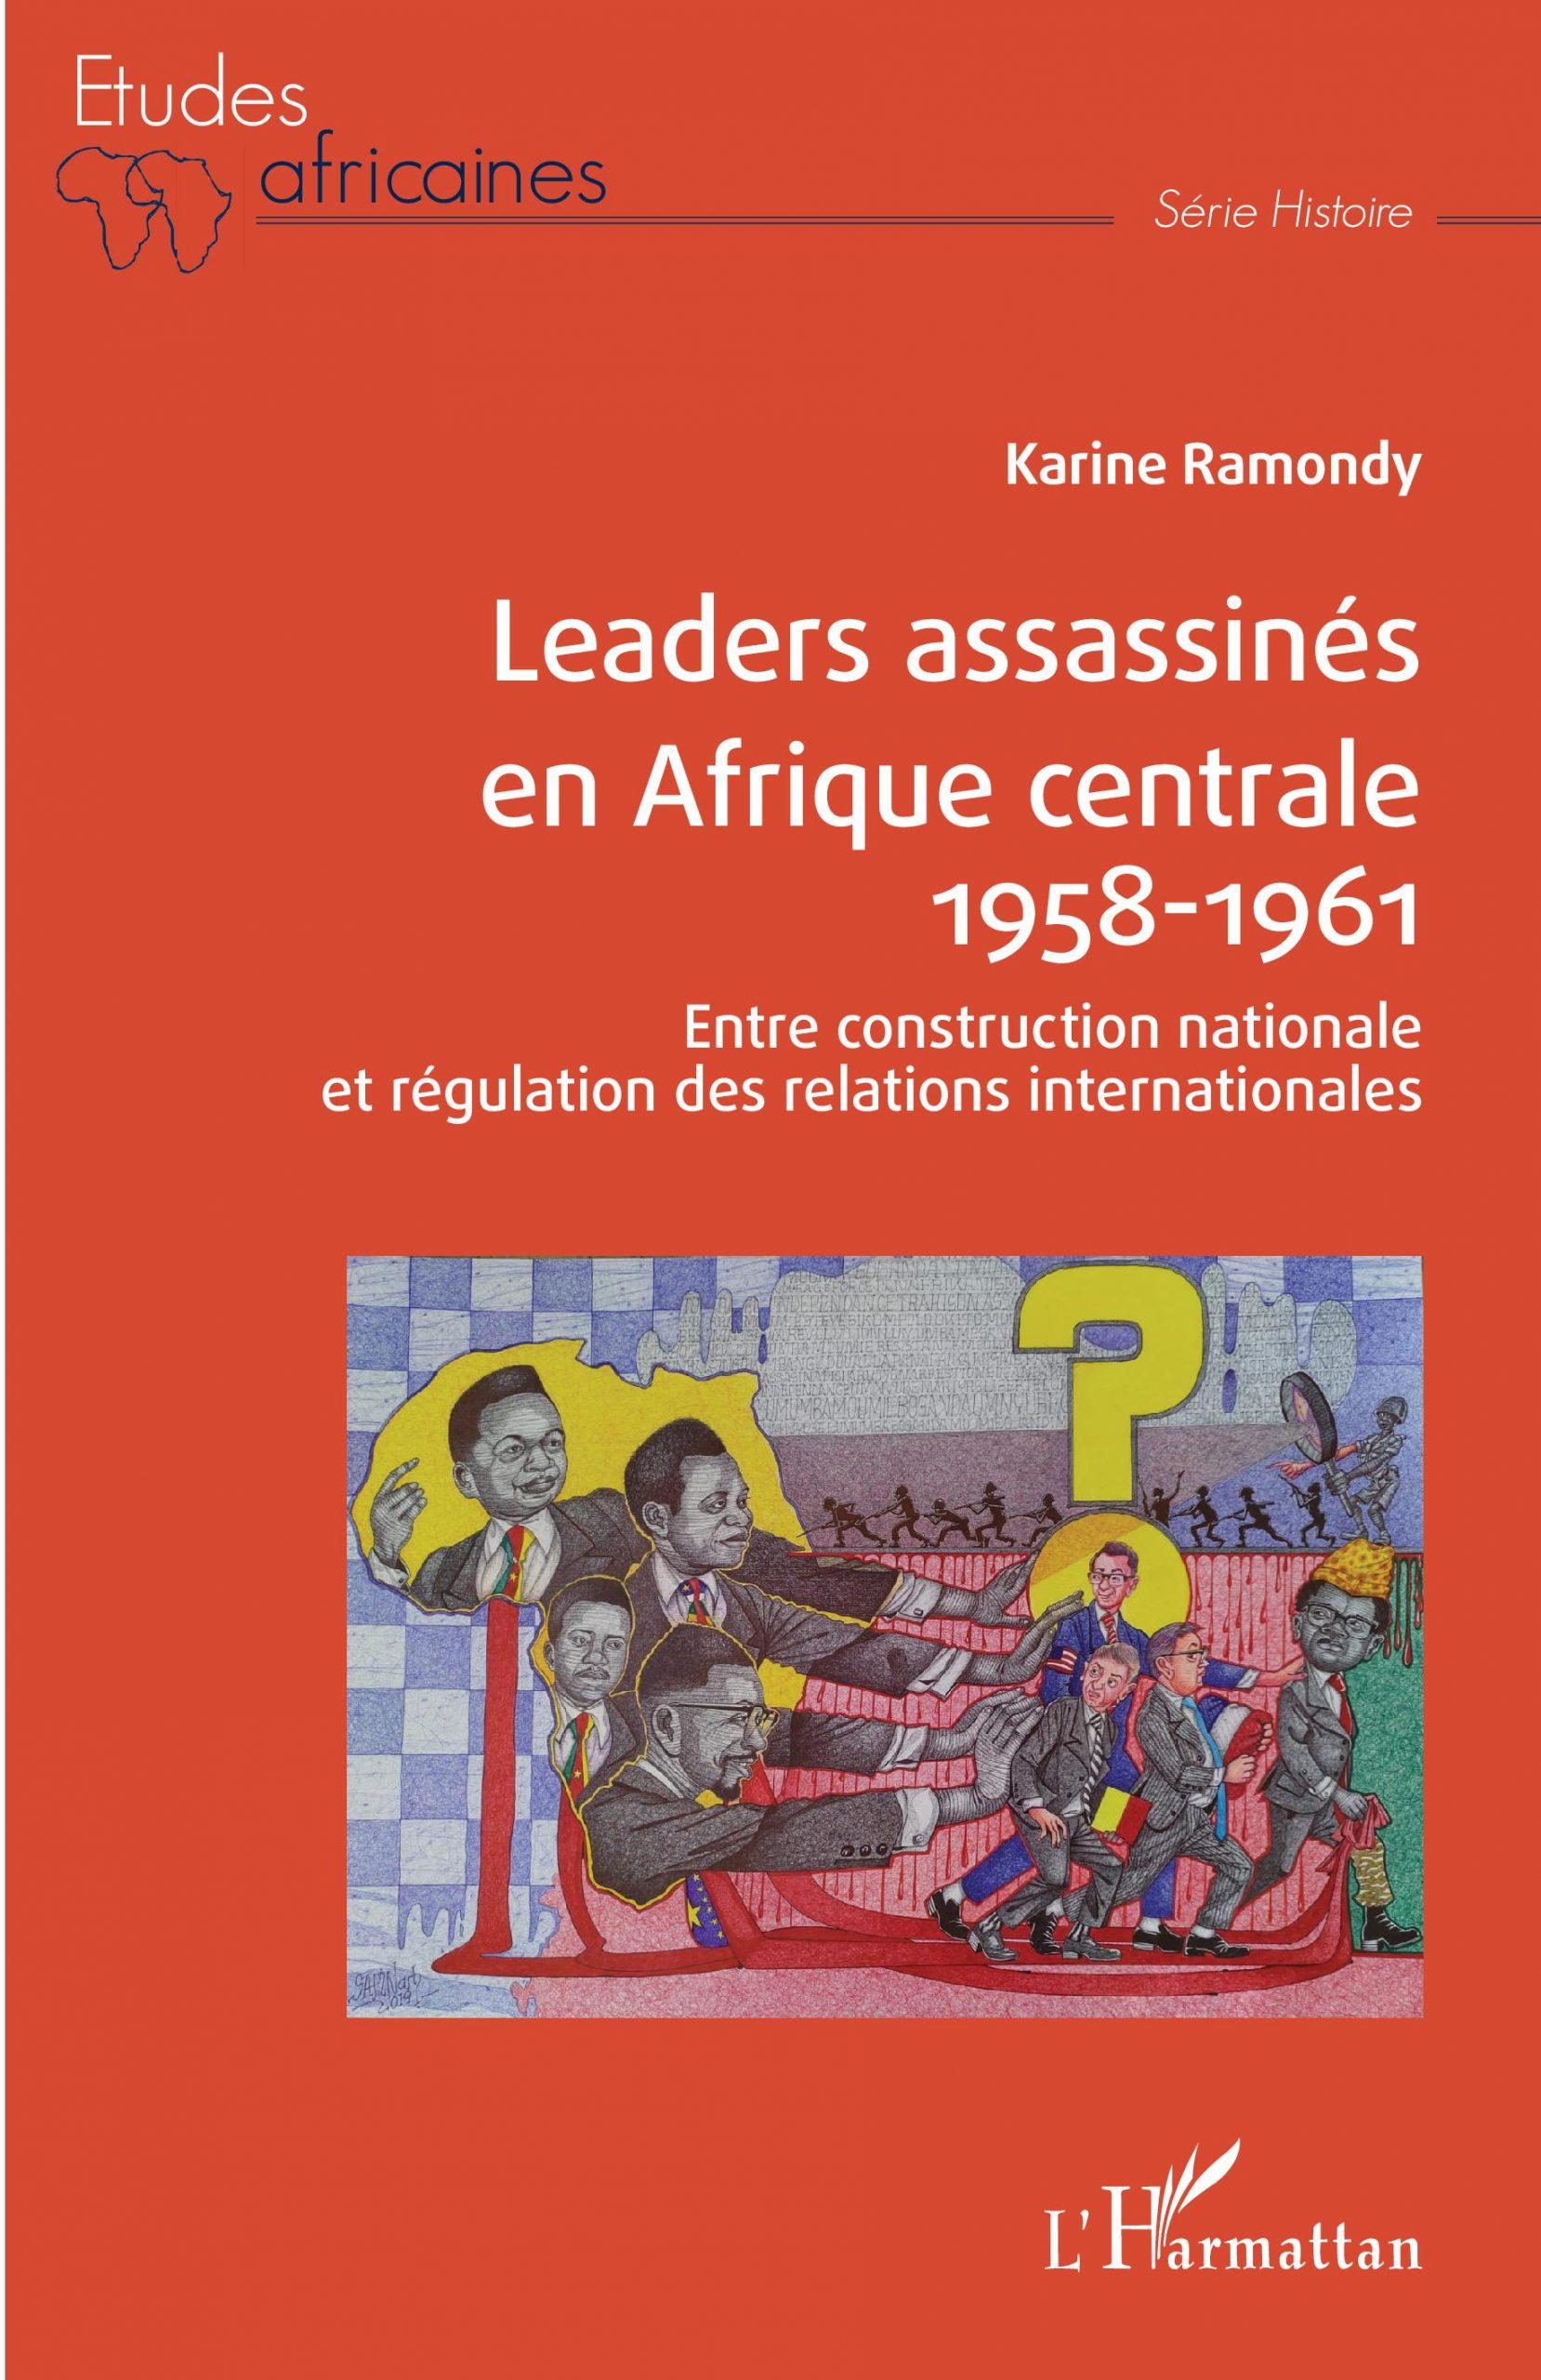 Leaders assassinés en Afrique centrale 1958-1961, entre construction nationale et régulation des relations internationales. Karine Ramondy. L'Harmattan, Paris, 2020, 550 pages, 39 euros.